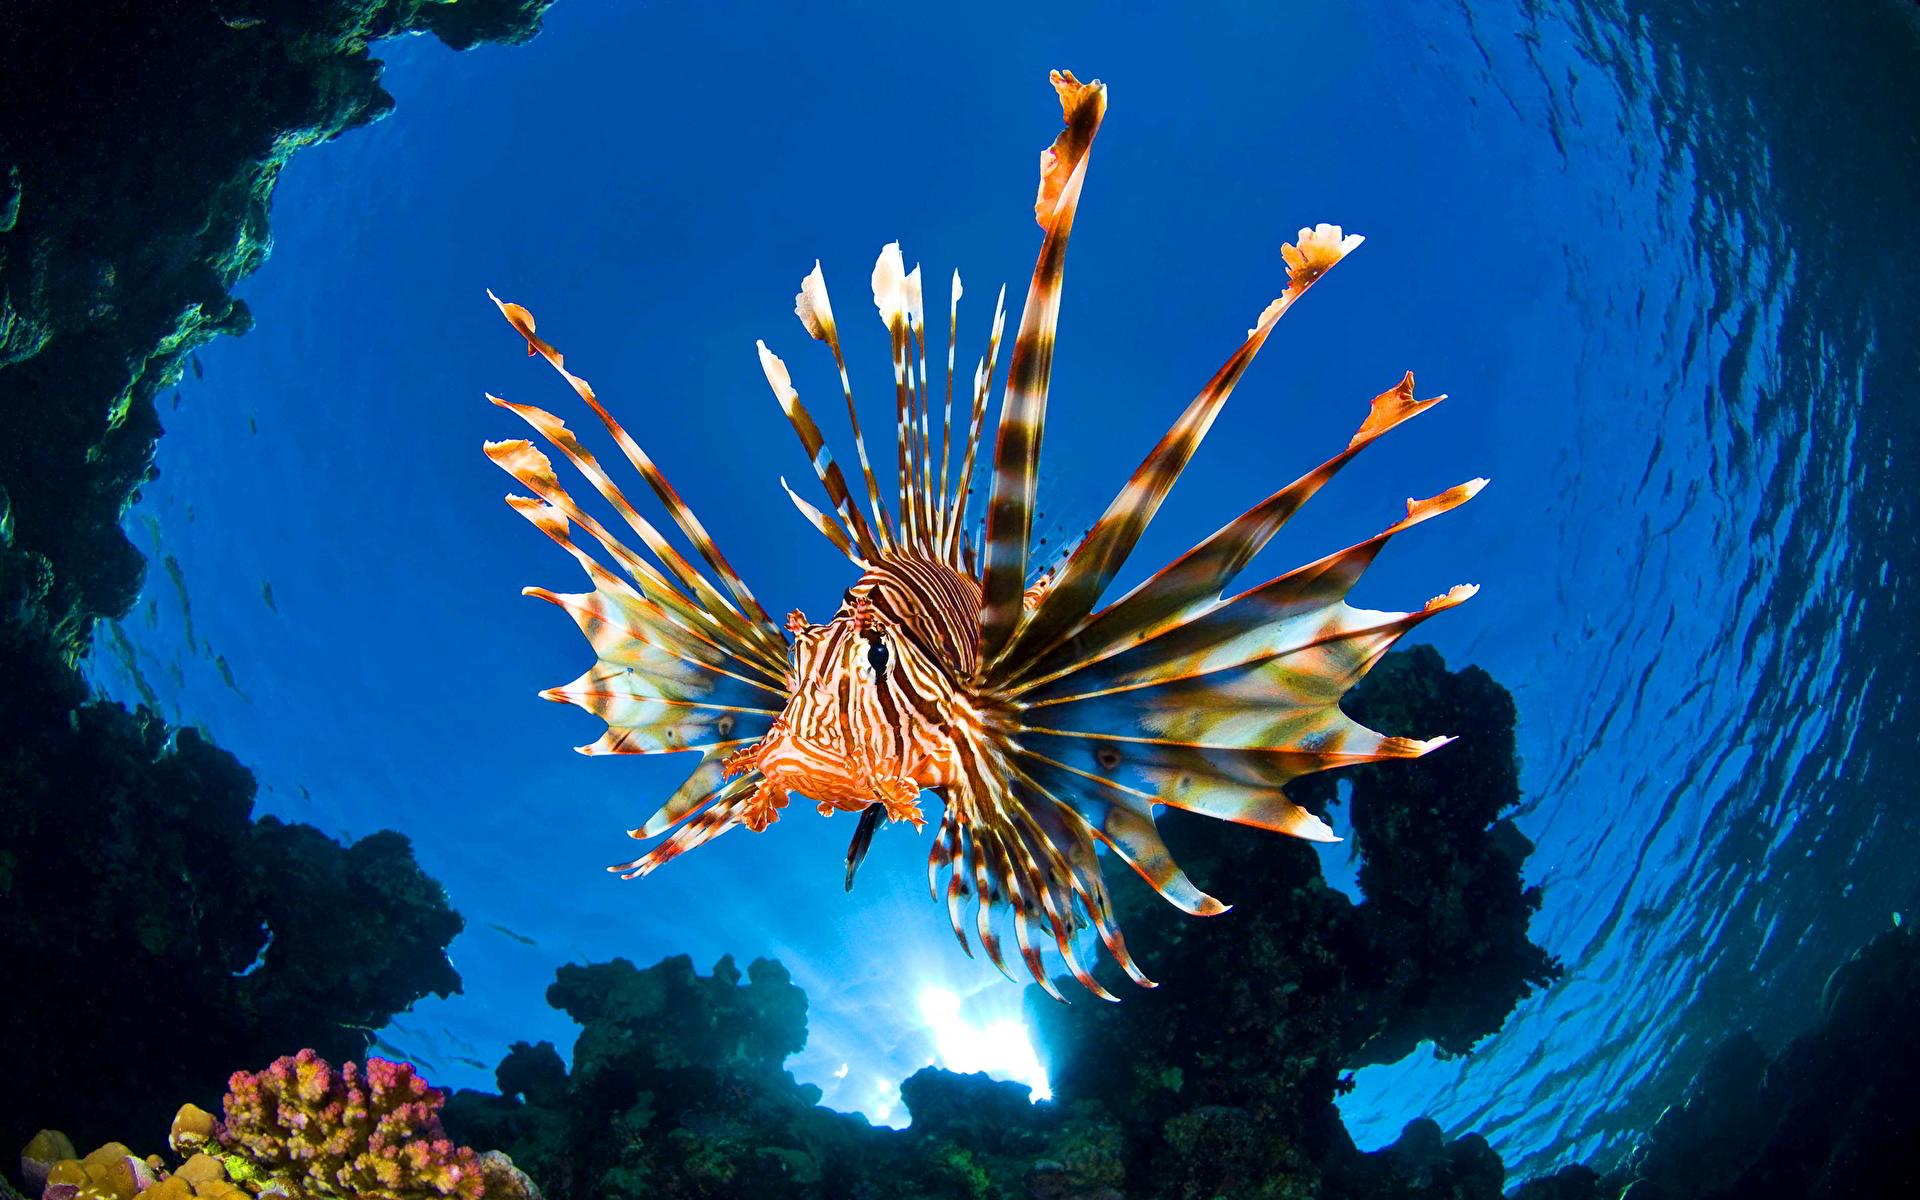 Фотография крылатка Рыбы Подводный мир Вода Животные 1920x1200 Крылатки воде животное